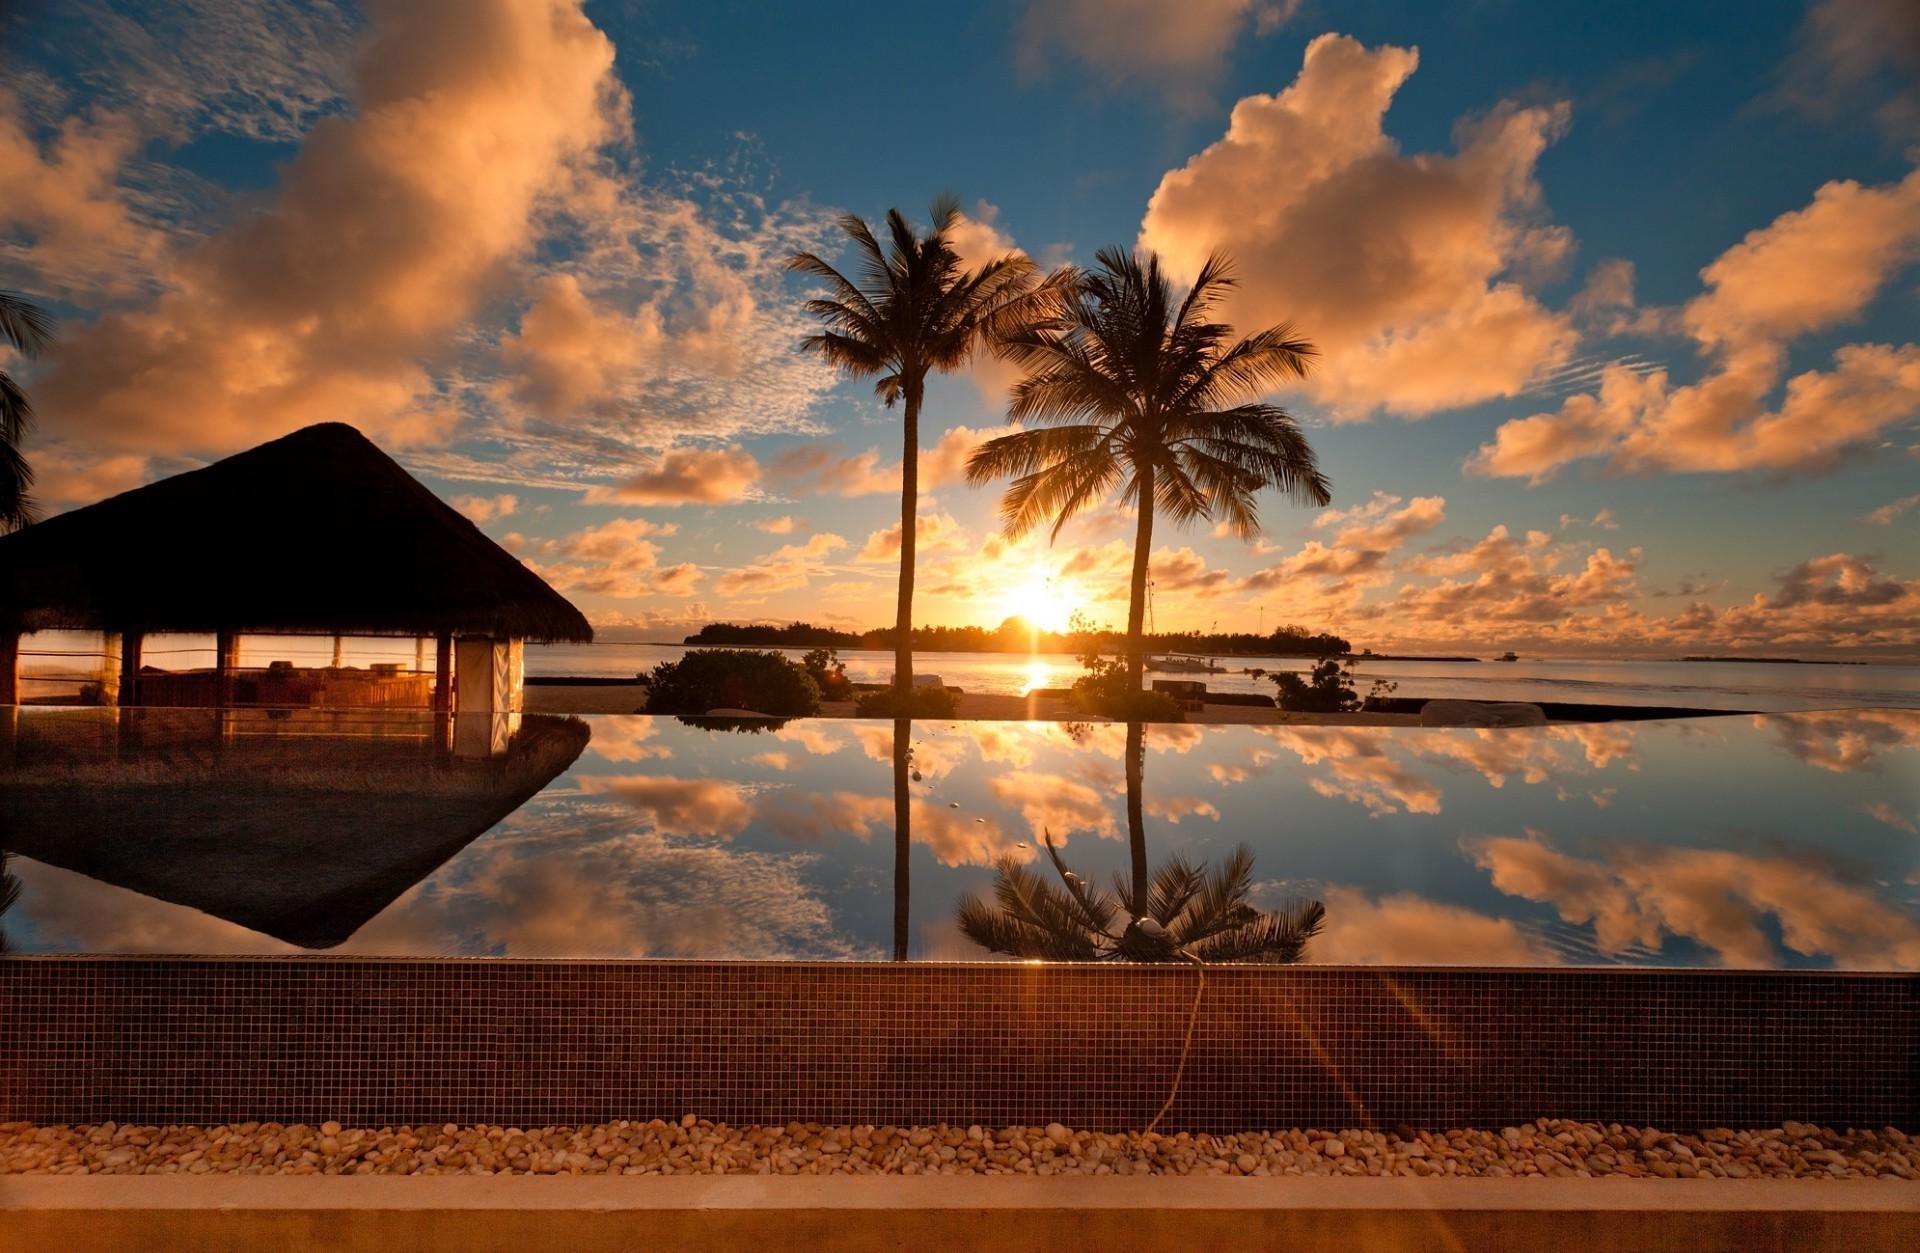 природа бассейн рассвет солнце пальмы отдых  № 2455831 без смс